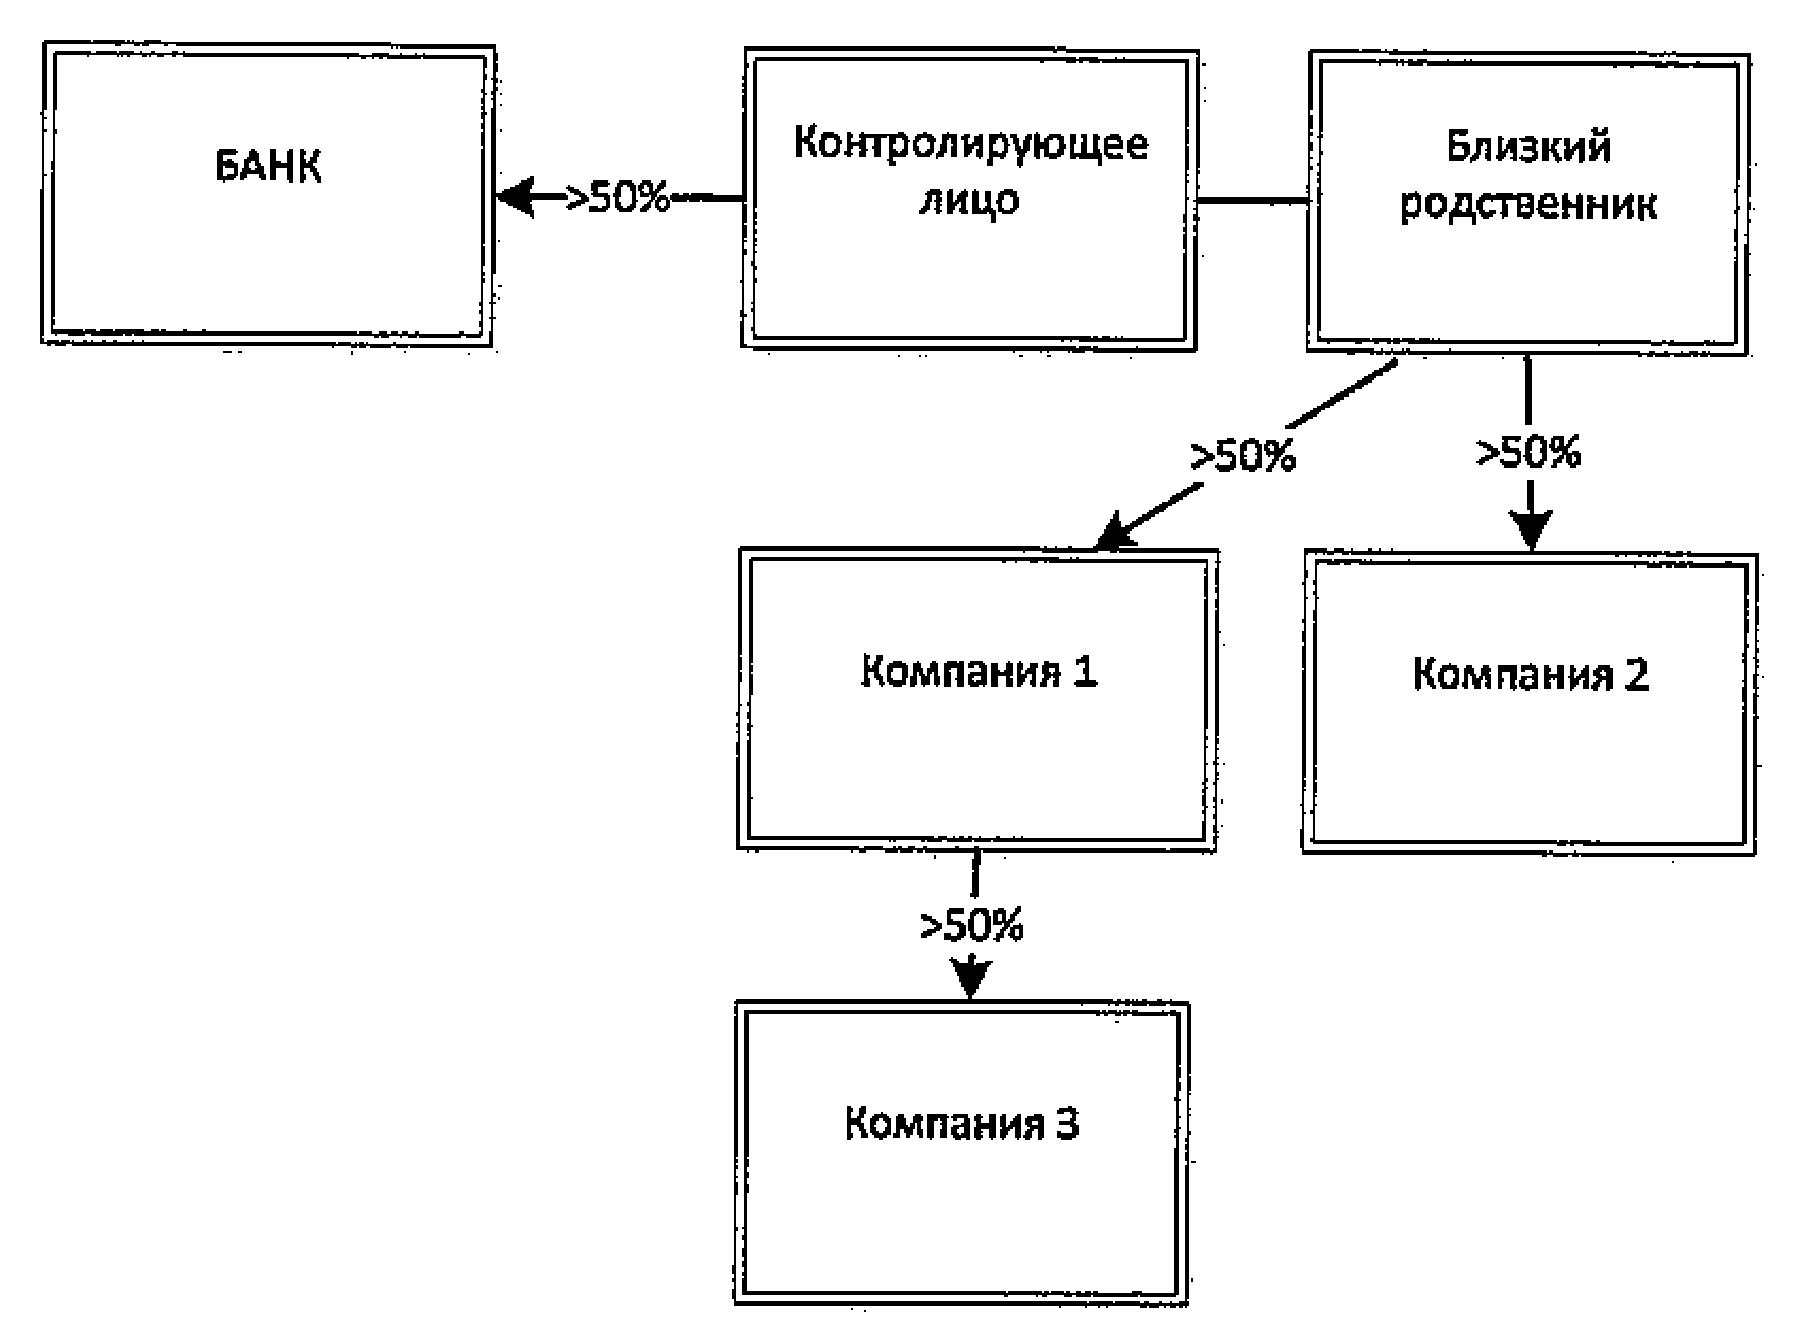 Инструкция банка россии центрального банка